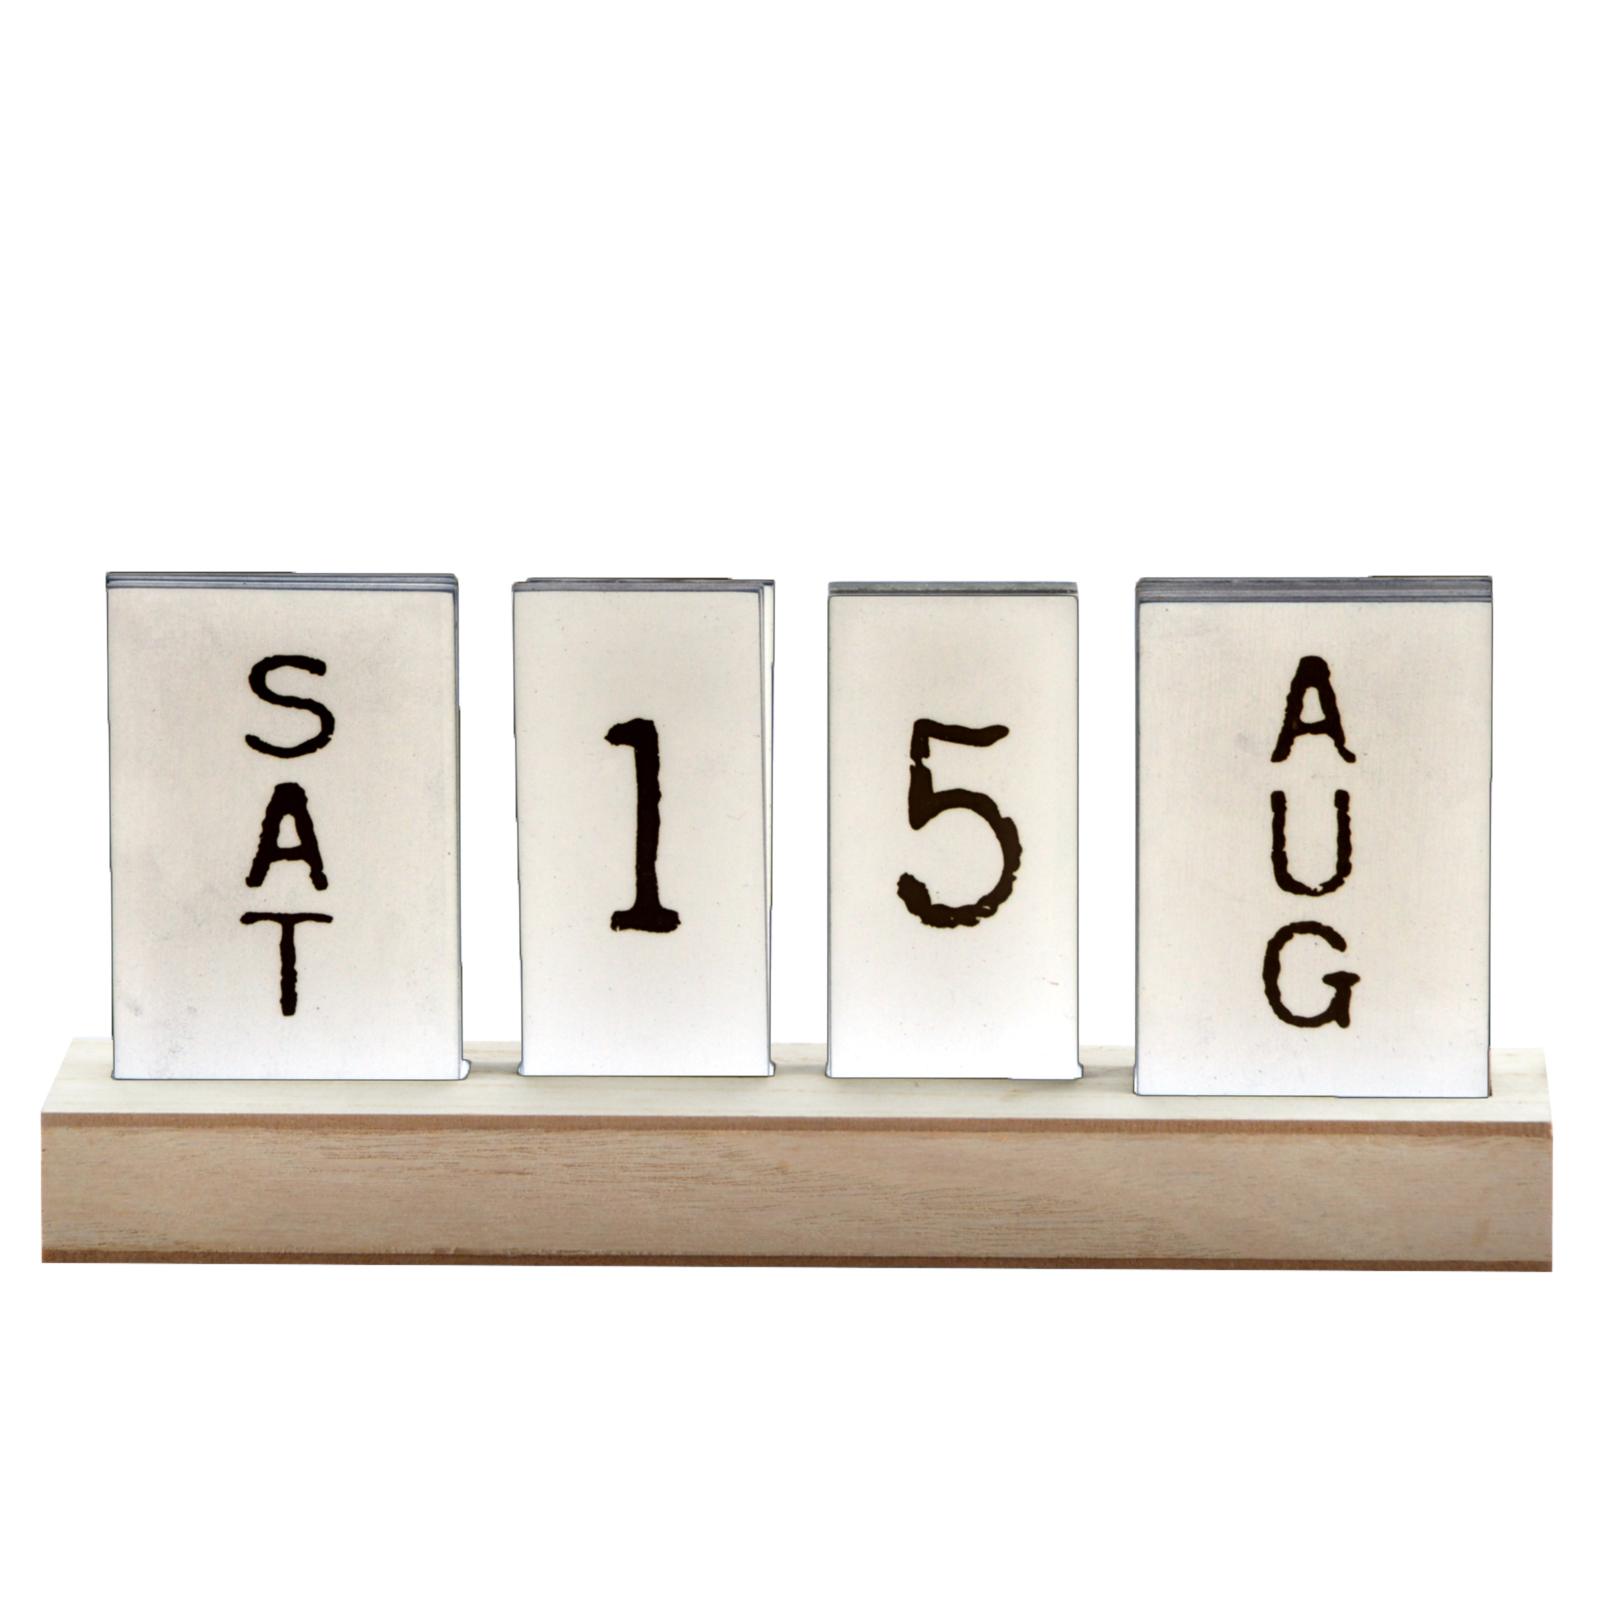 steckkalender ewiger kalender dauerkalender holzkalender. Black Bedroom Furniture Sets. Home Design Ideas